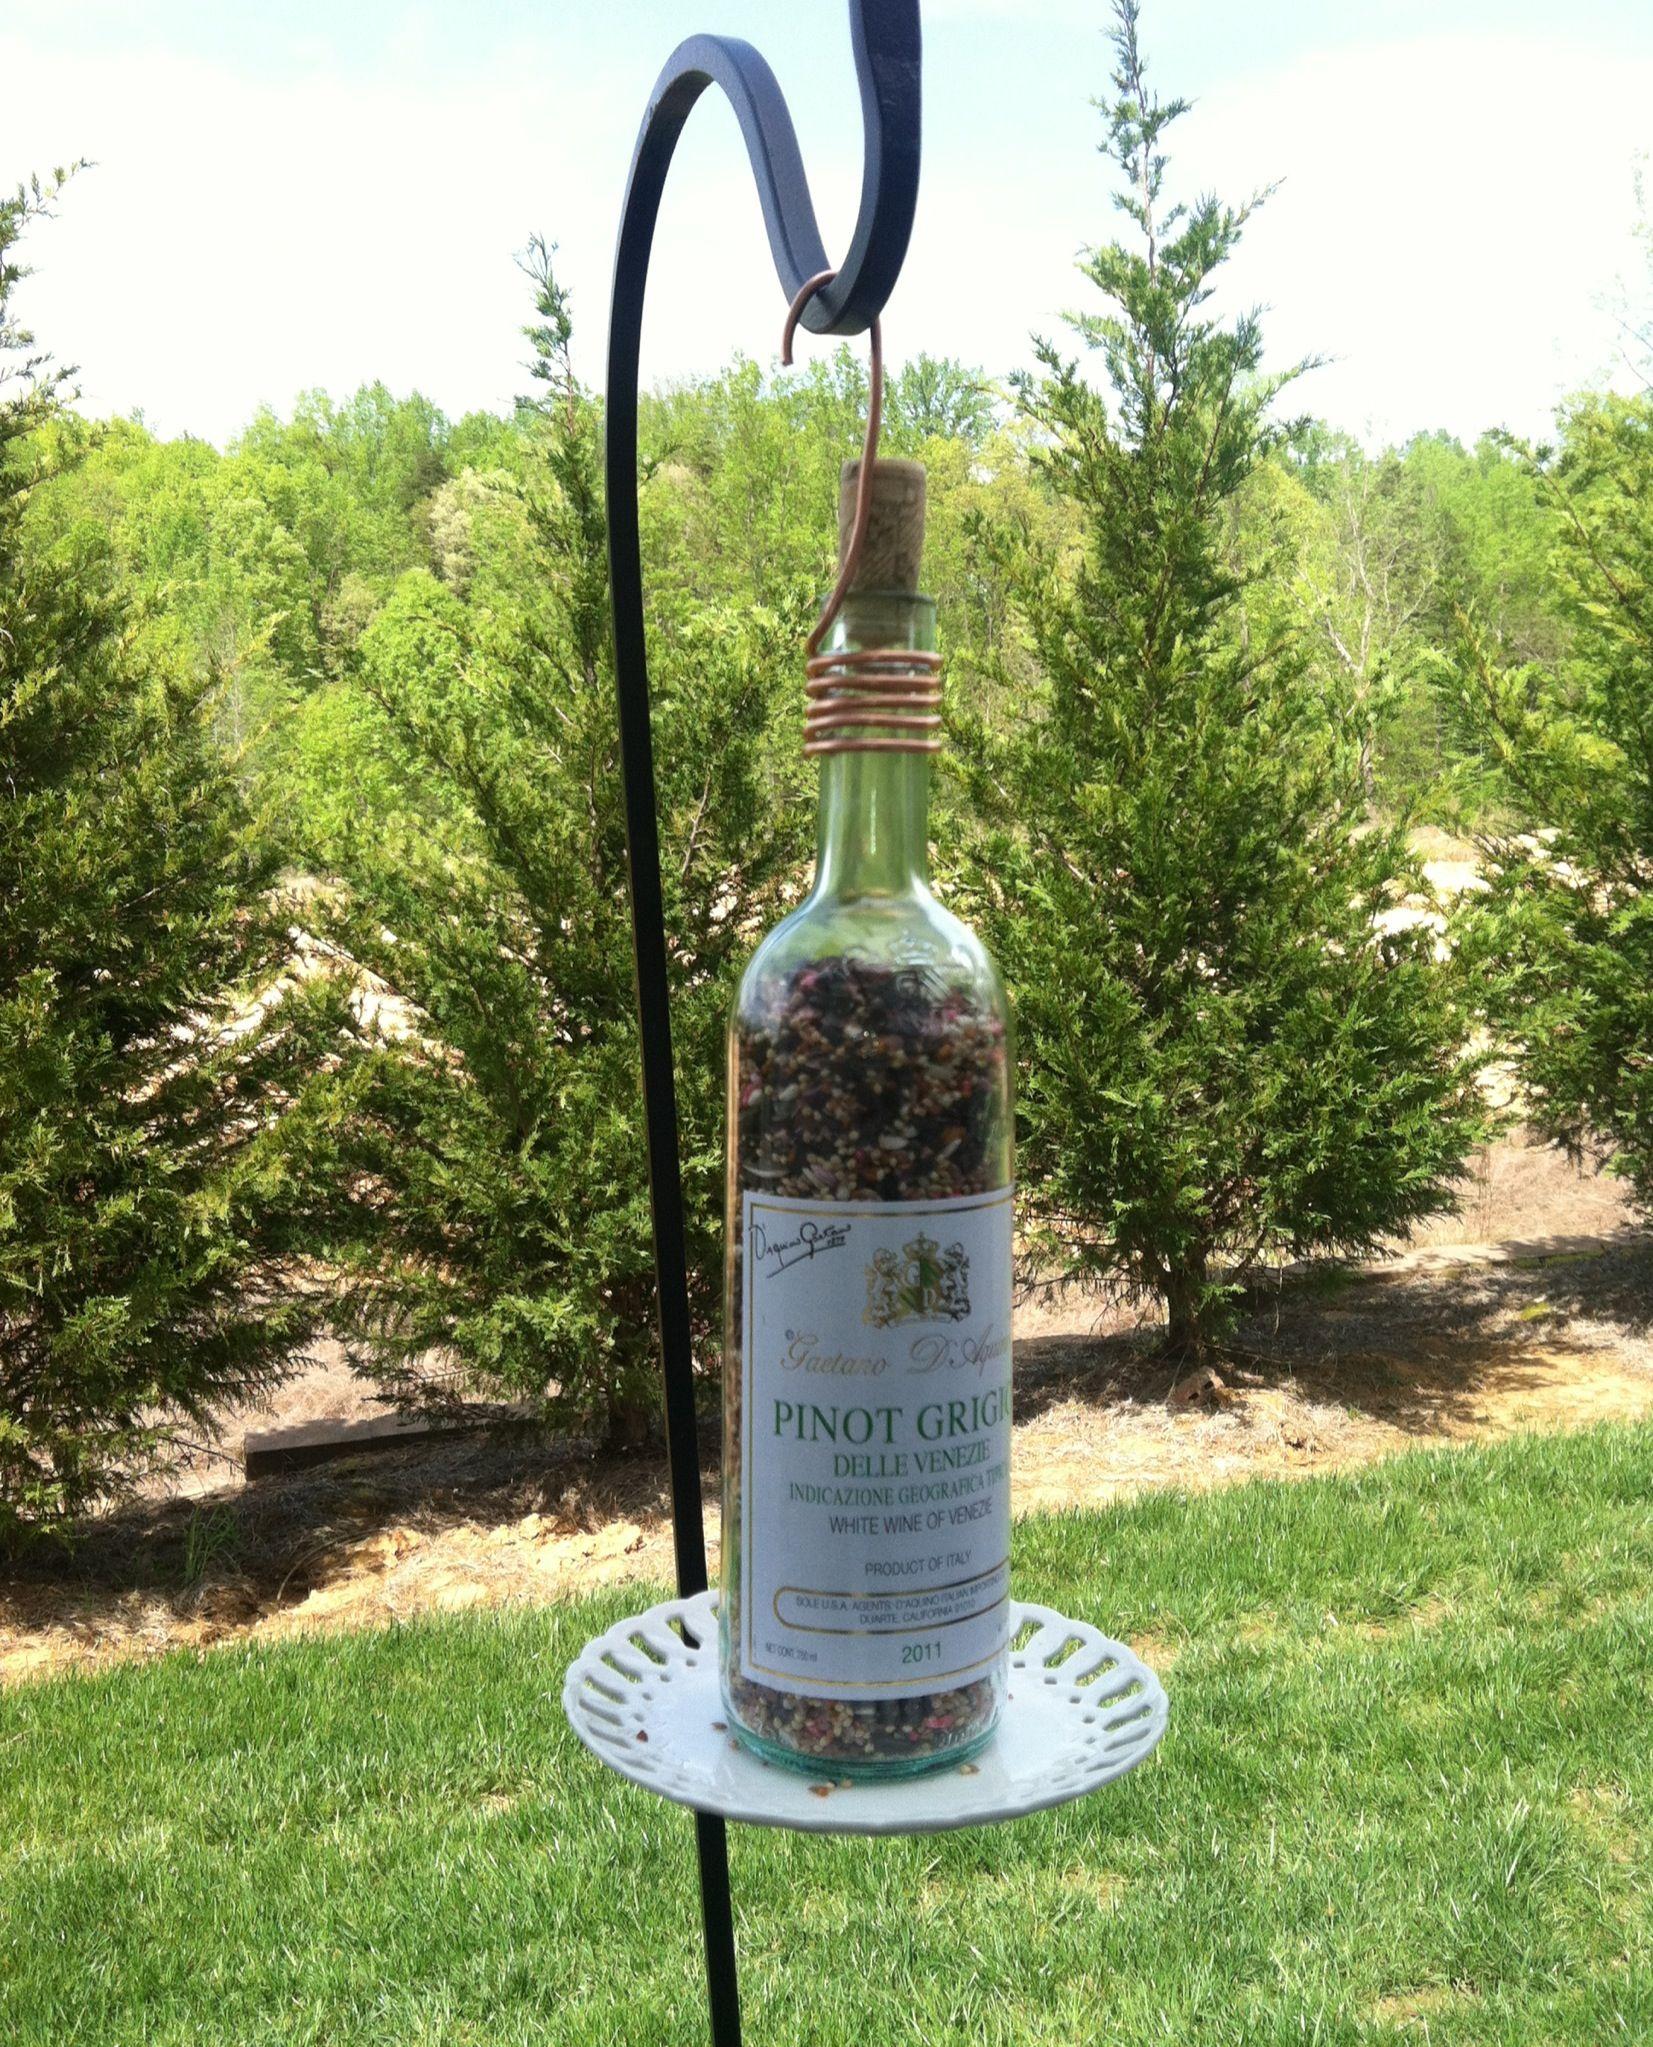 Wine bottle crafts outdoor - Wine Bottle Bird Feeder